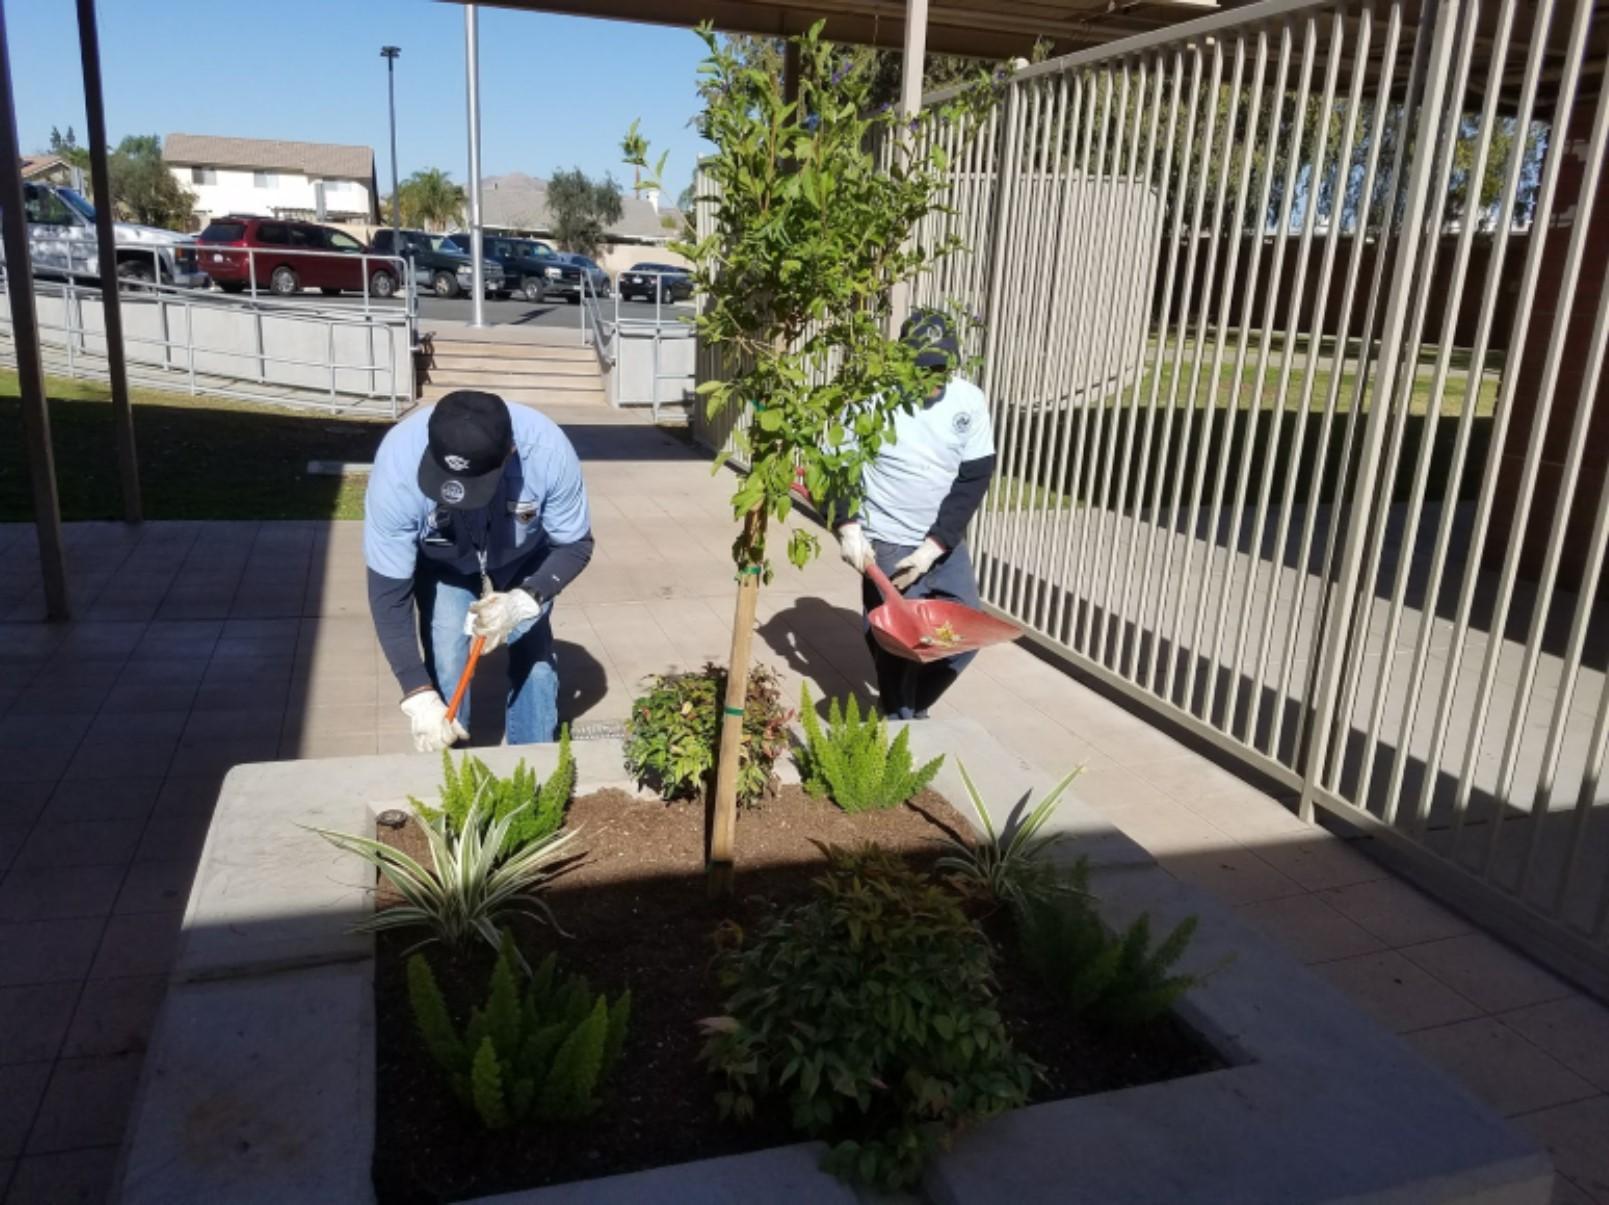 Men working in planter